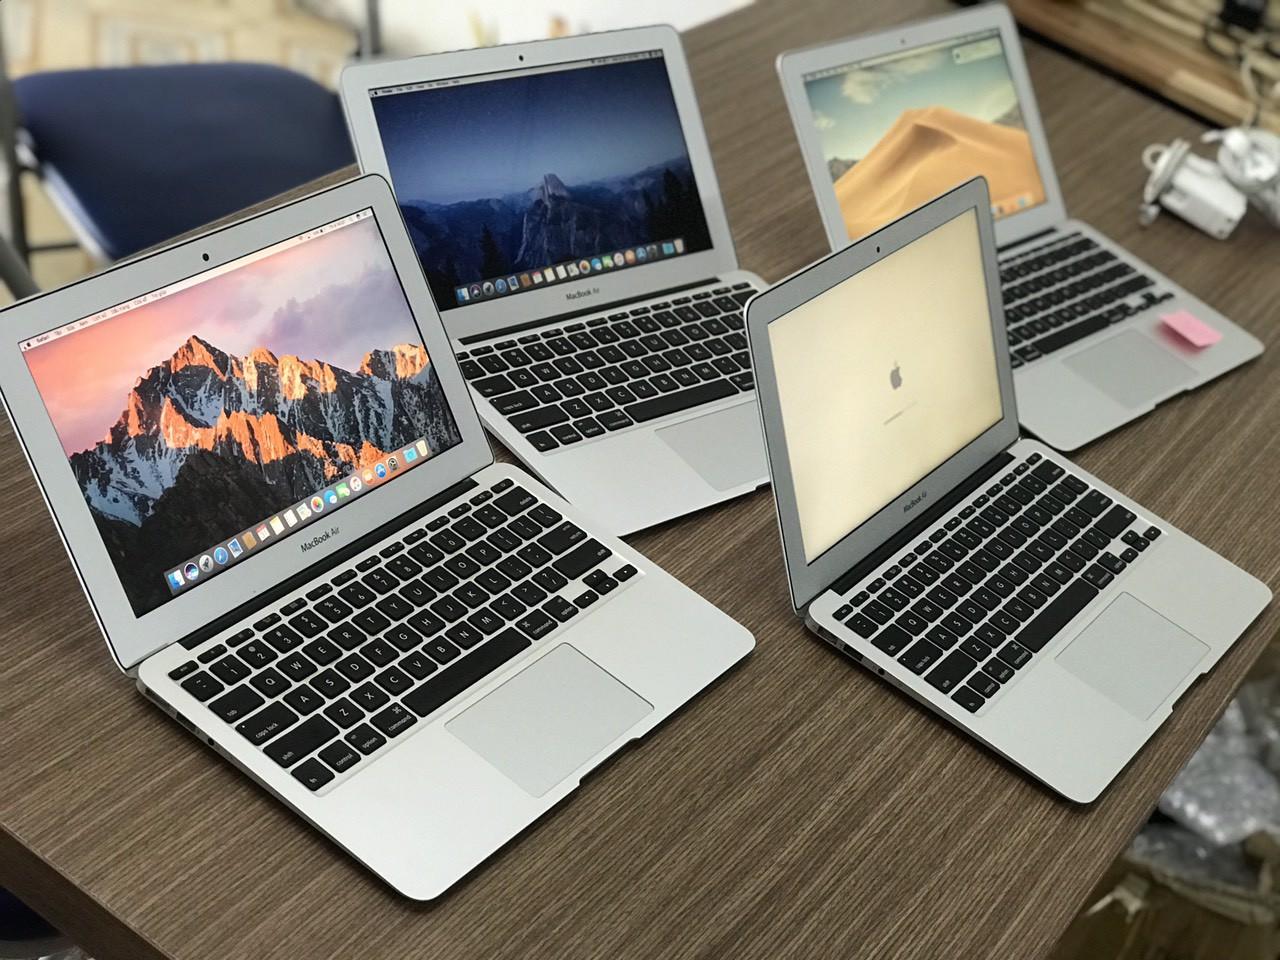 Địa chỉ nào bán laptop cũ uy tín tại TPHCM?